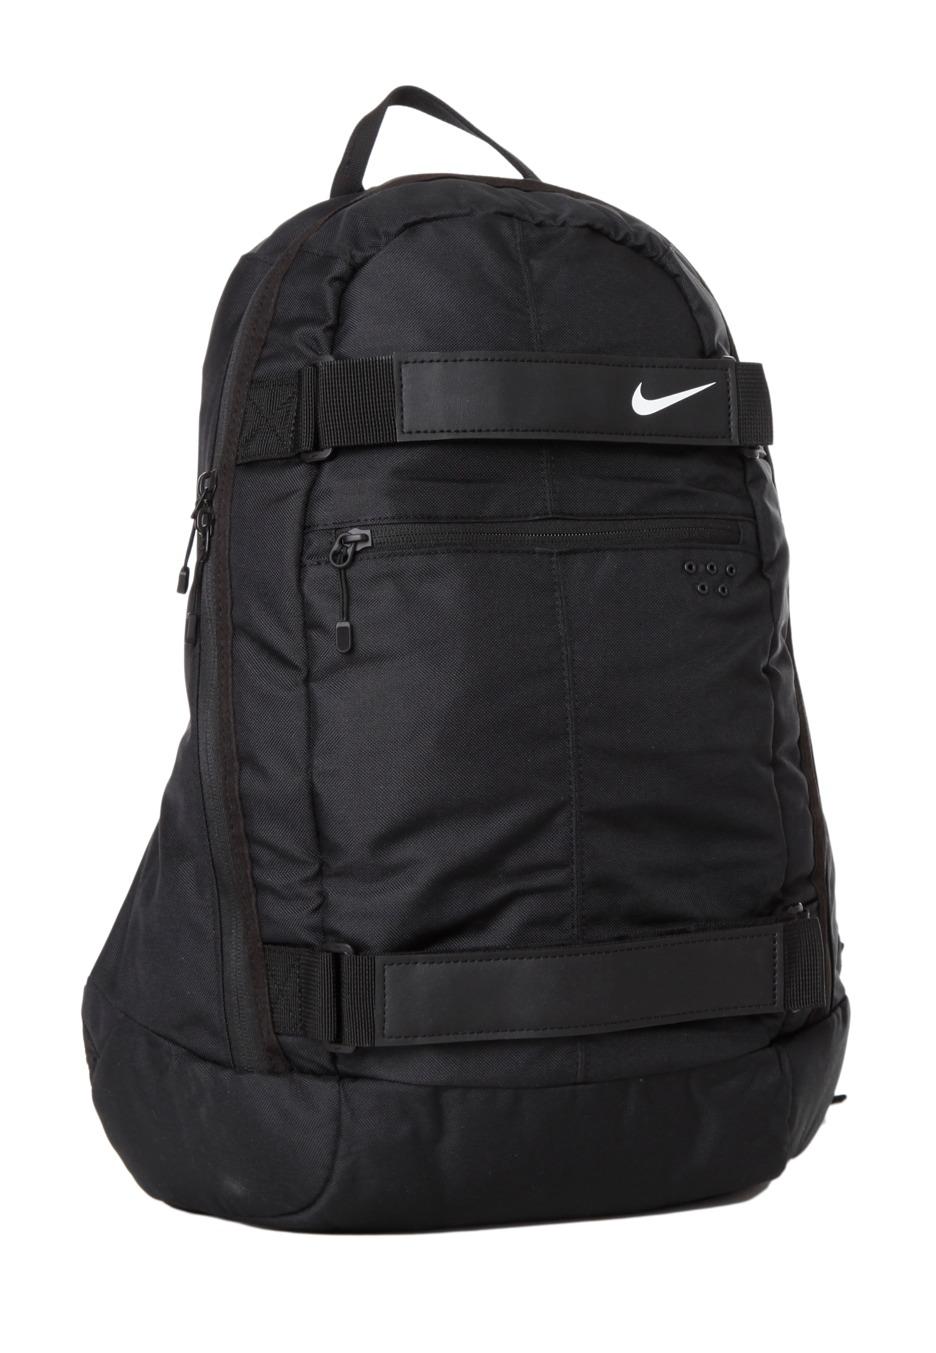 Nike Embarca Medium Backpack